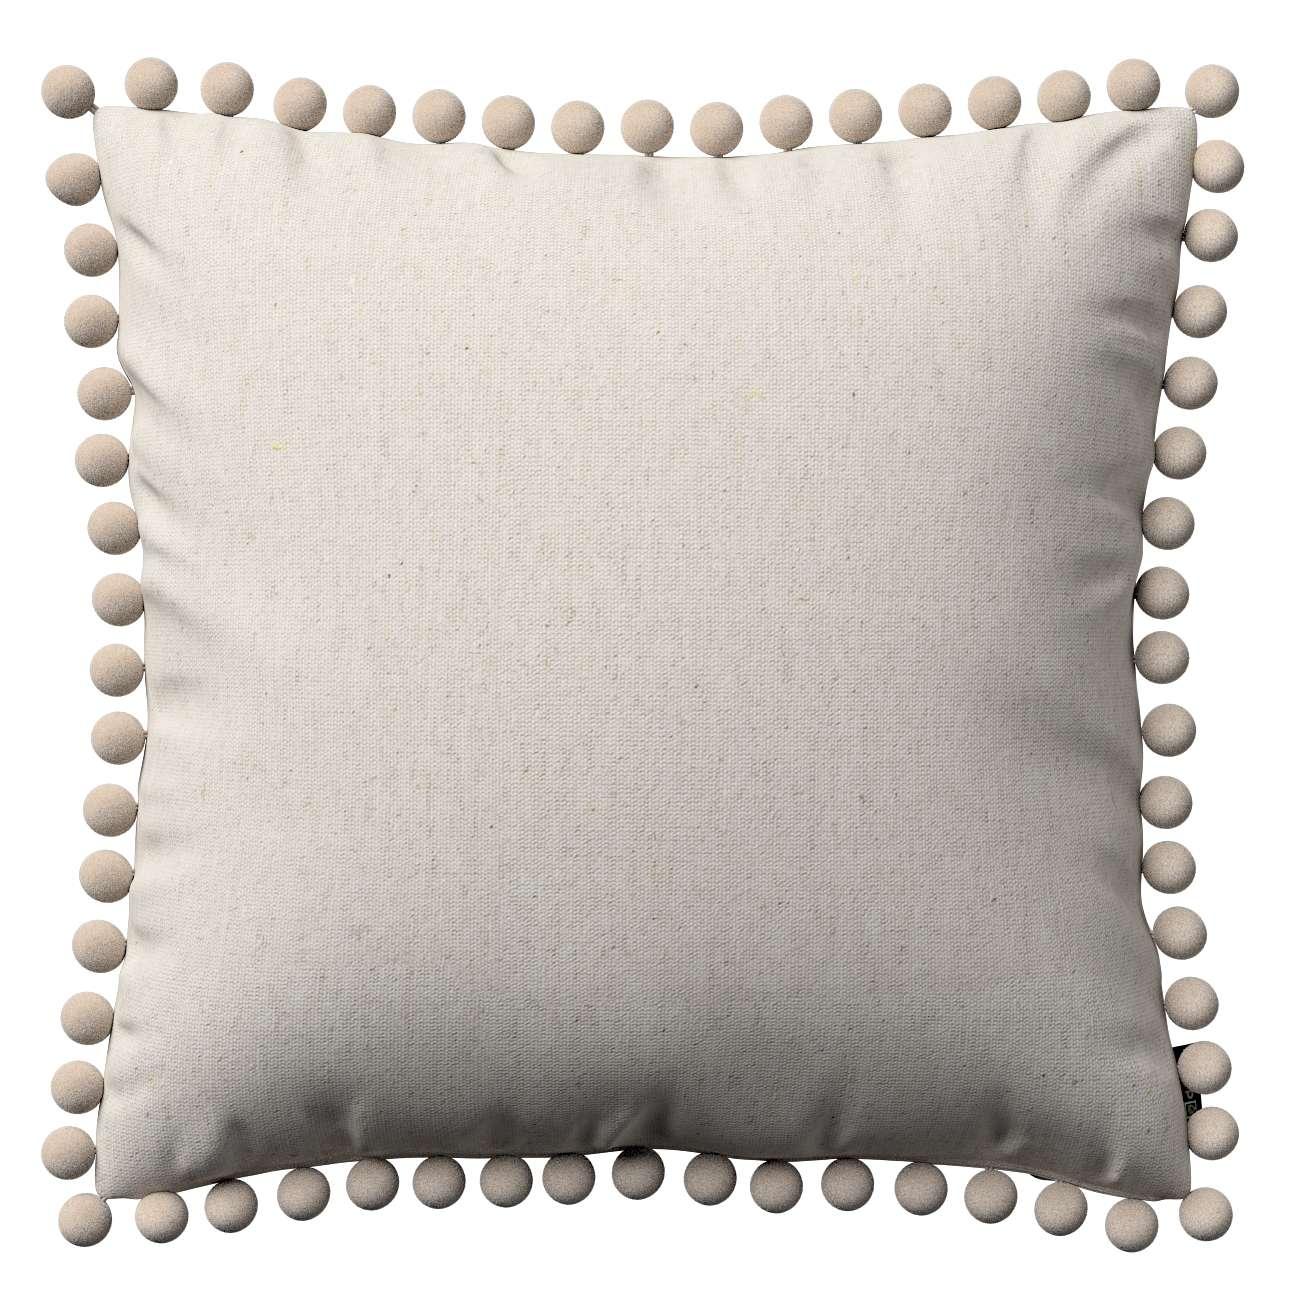 Wera dekoratyvinės pagalvėlės užvalkalas su žaismingais kraštais 45 x 45 cm kolekcijoje Loneta , audinys: 133-65